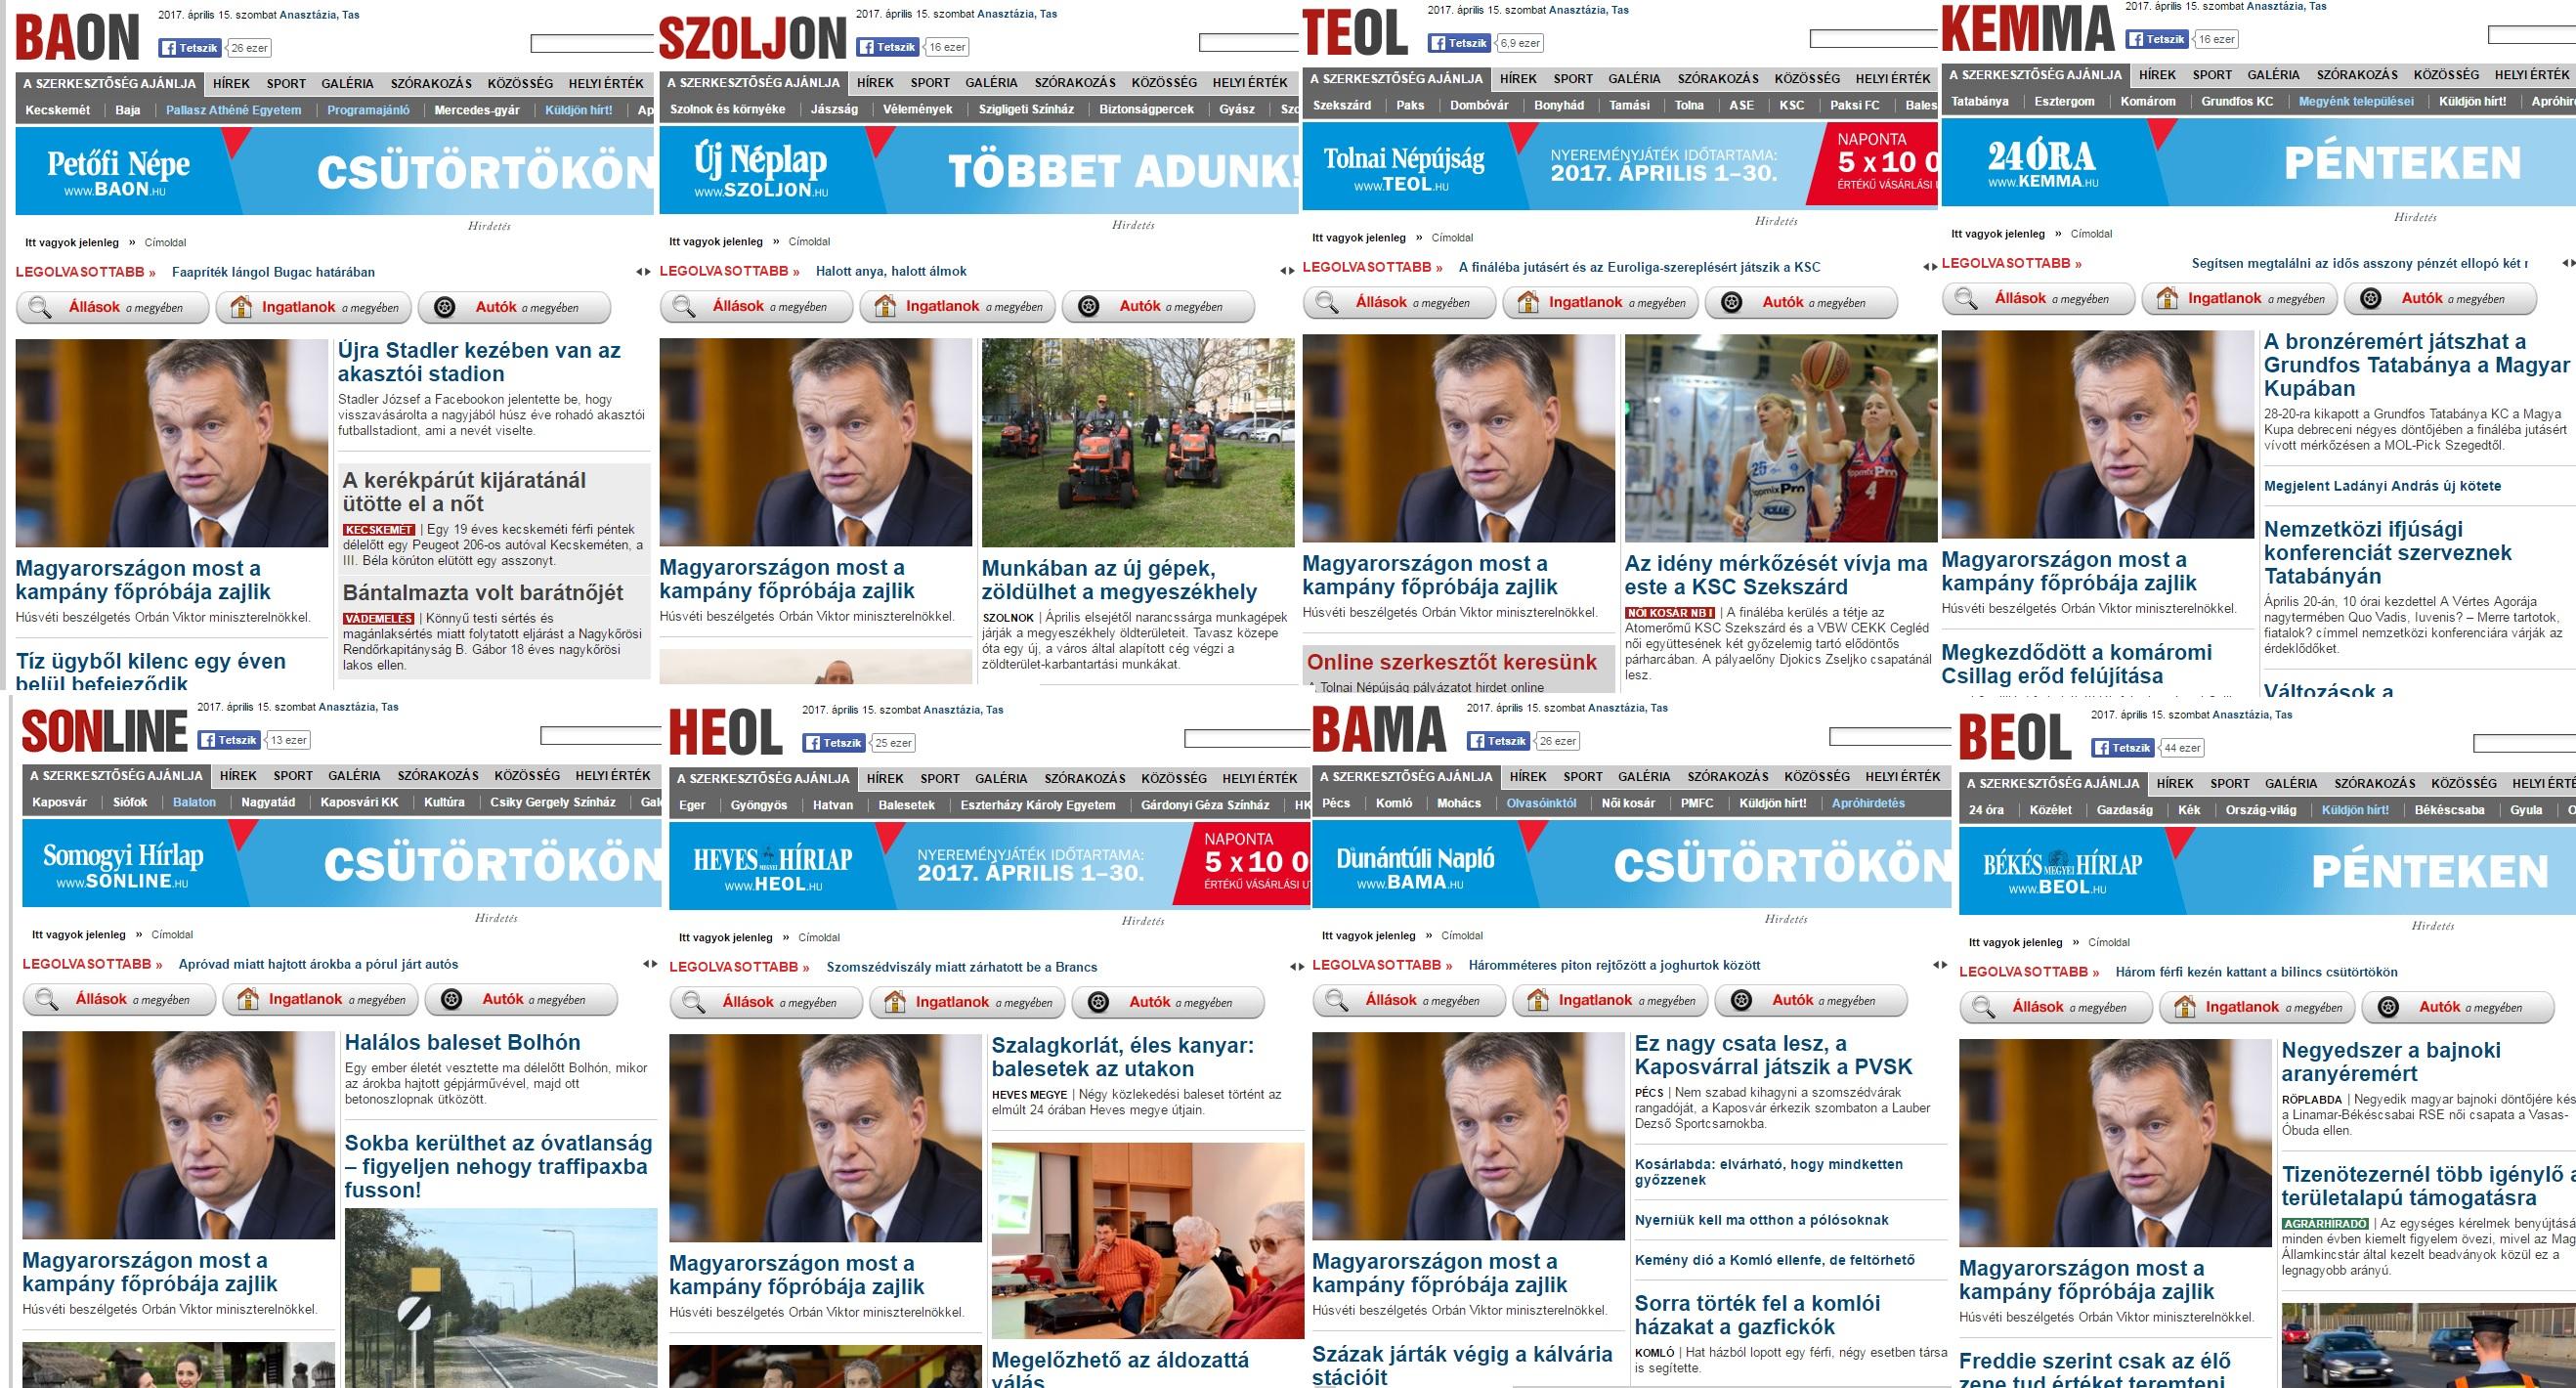 Ennyit arról, mi maradt a vidéki sajtó sokszínűségéből, mióta Mészáros Lőrinc kezébe került